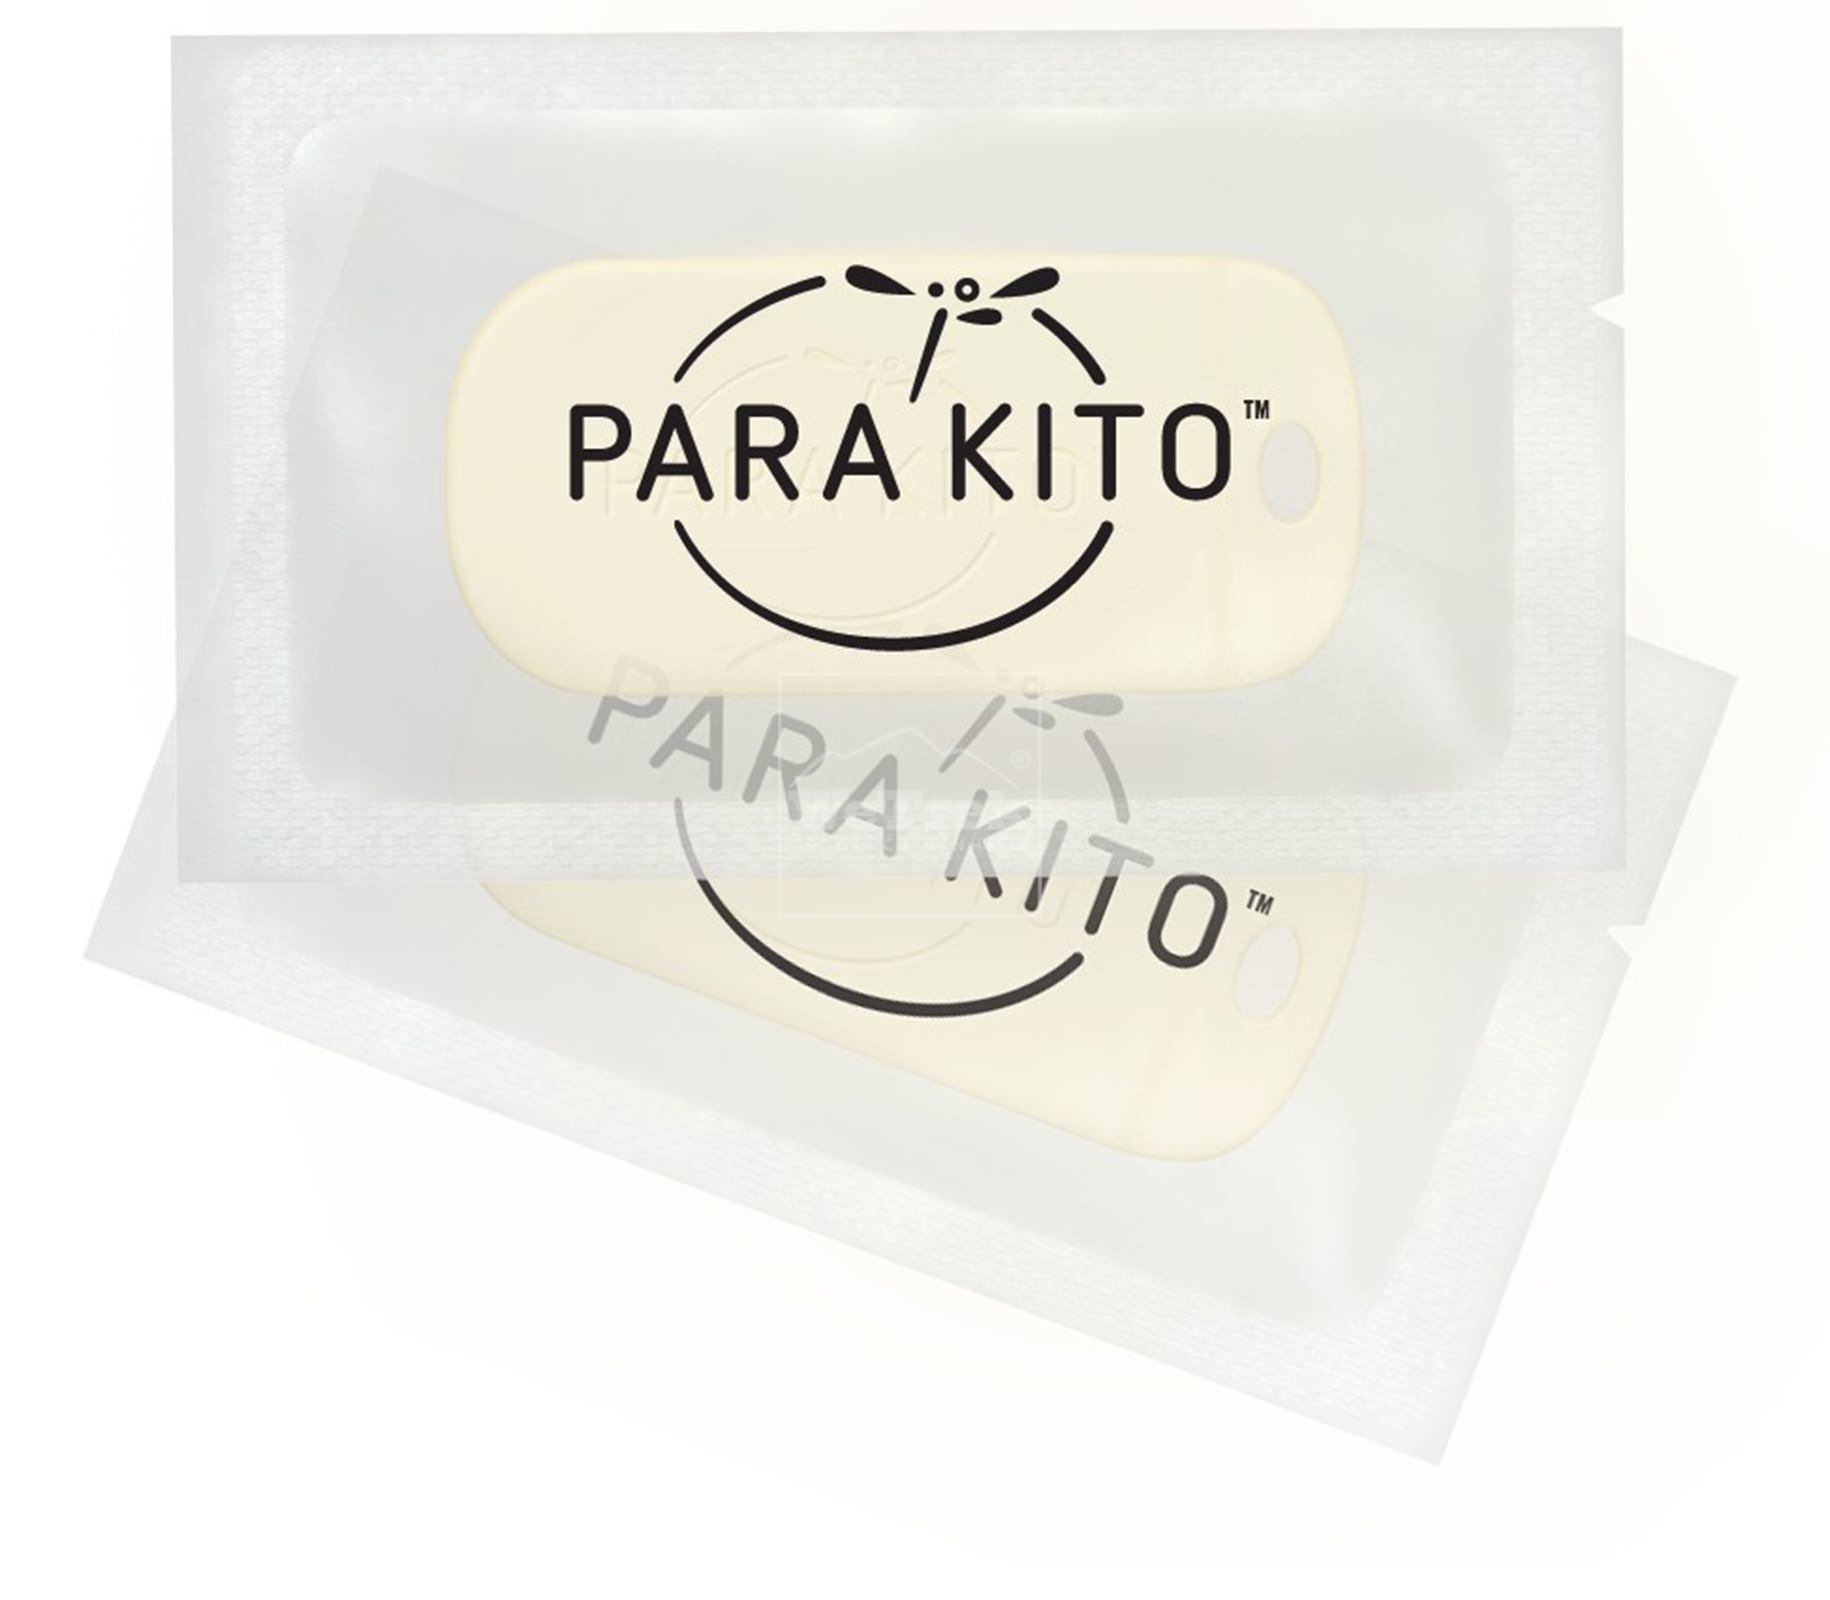 sap-chong-muoi-kem-vong-tay-parakito-jungle-band-7497-wetrek.vn-3